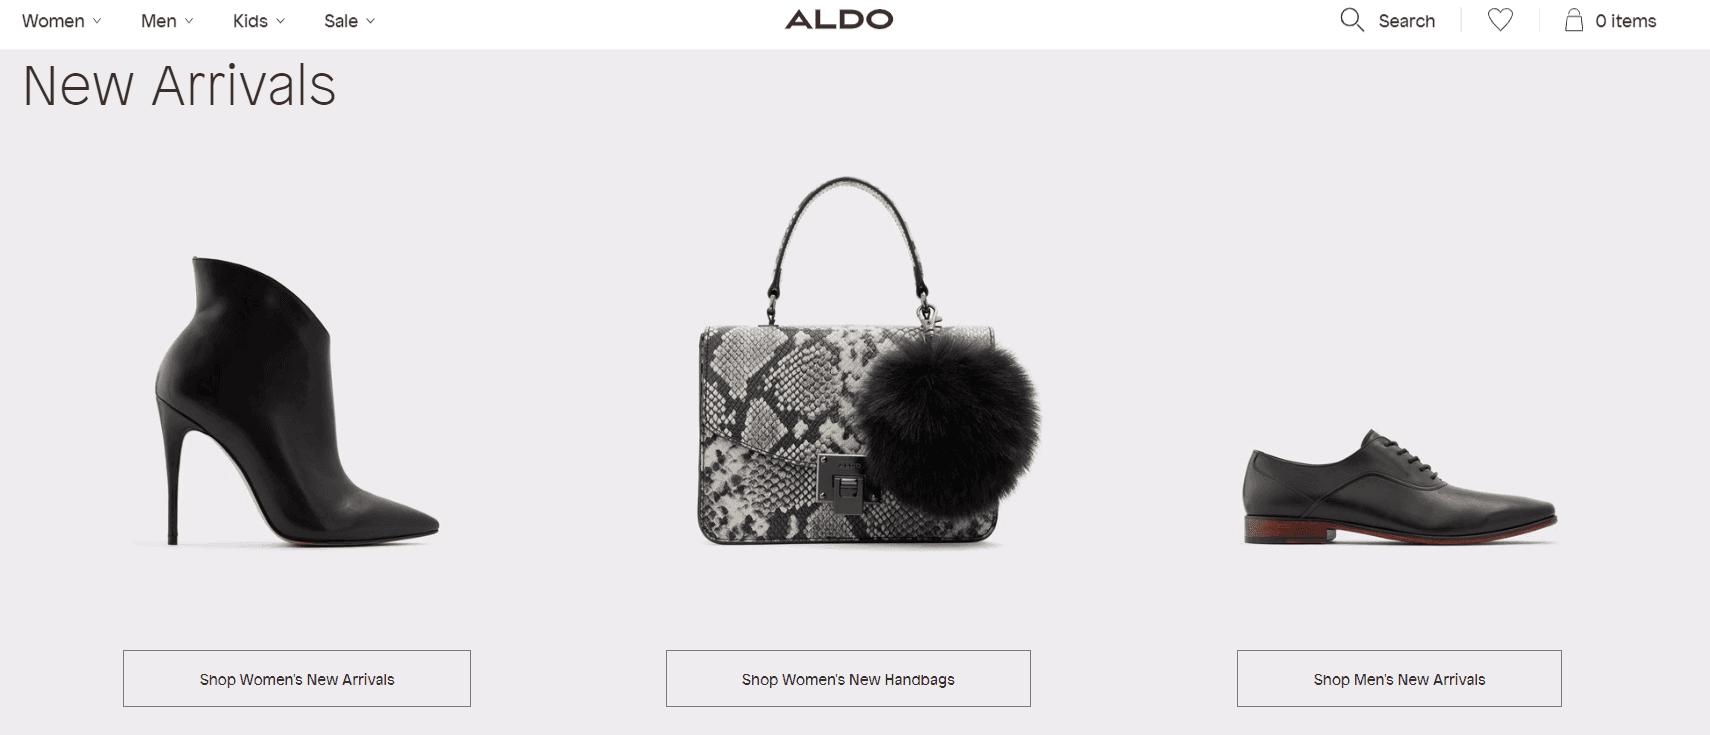 Покупка на Aldo с доставкой в Казахстан ✔️ myMeest - 3